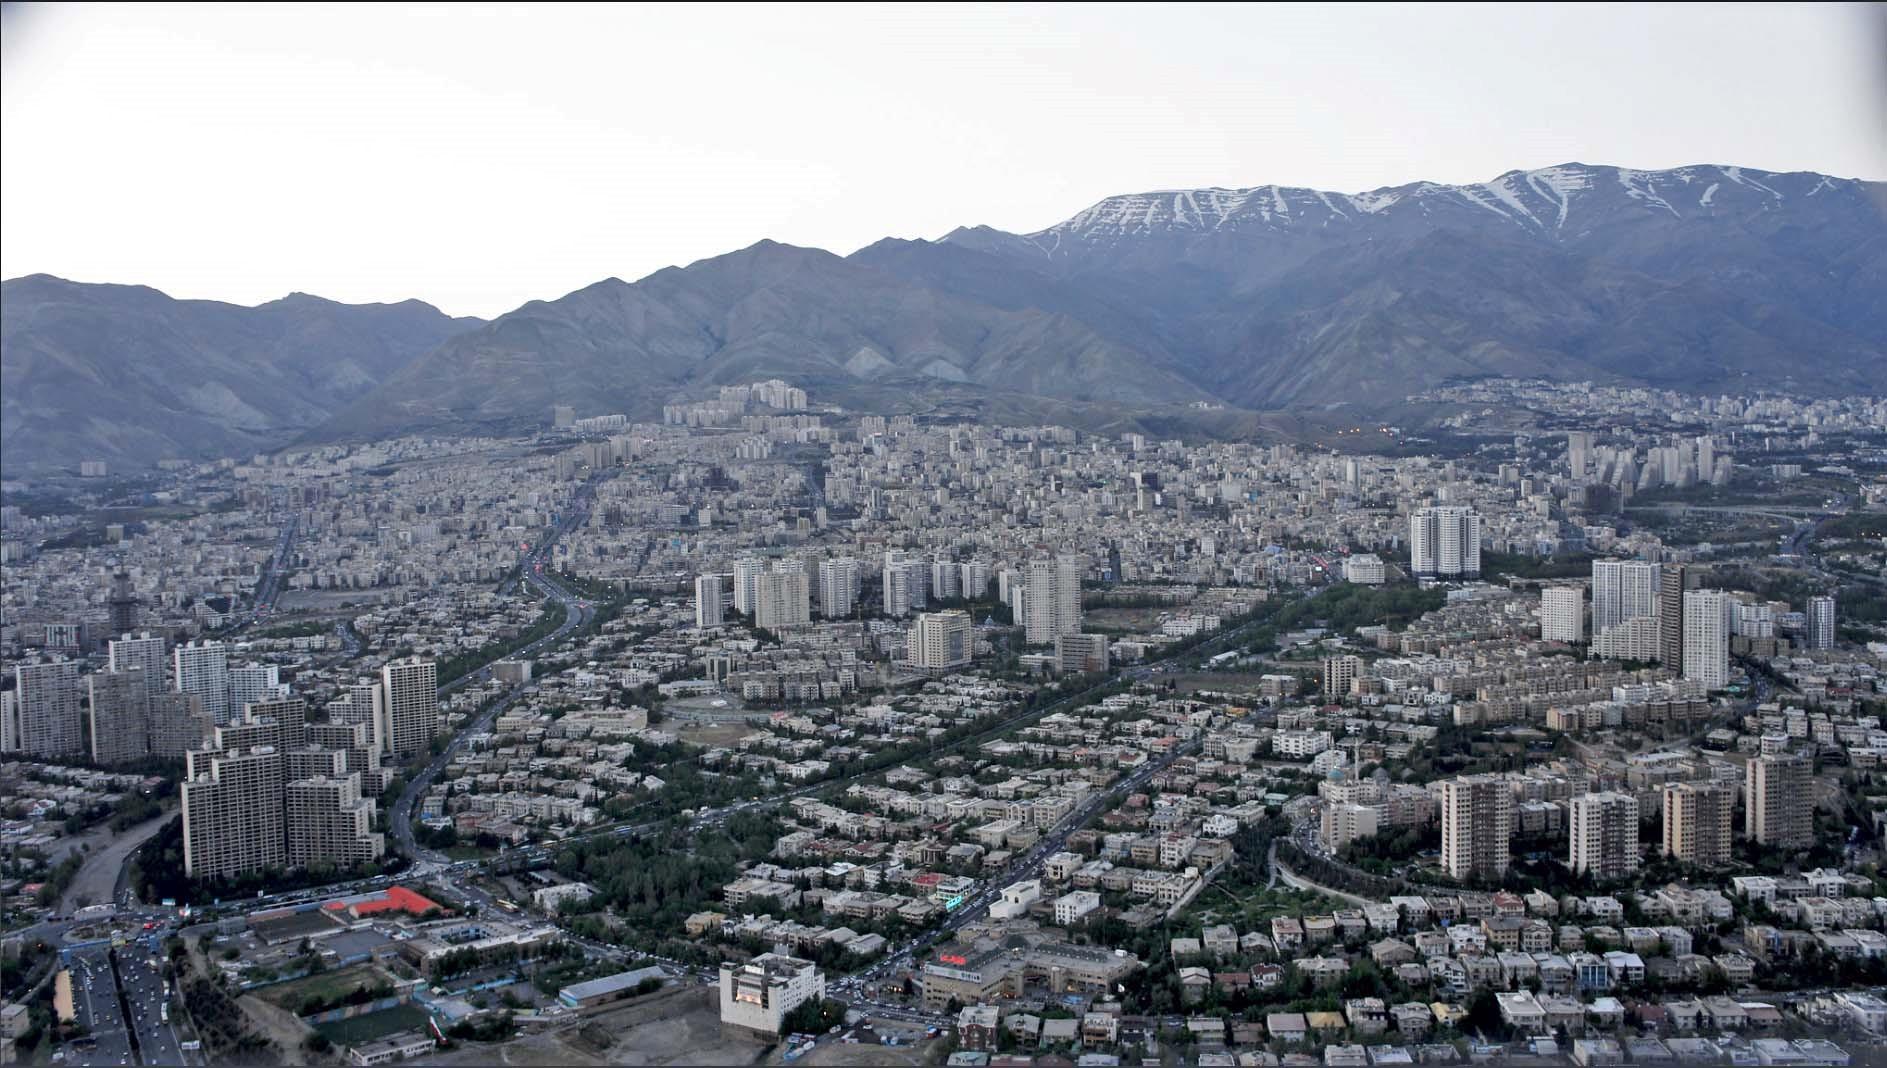 هویت فراموش شده منظر طبیعی تهران در طی فرآیند توسعه در یک قرن اخیر